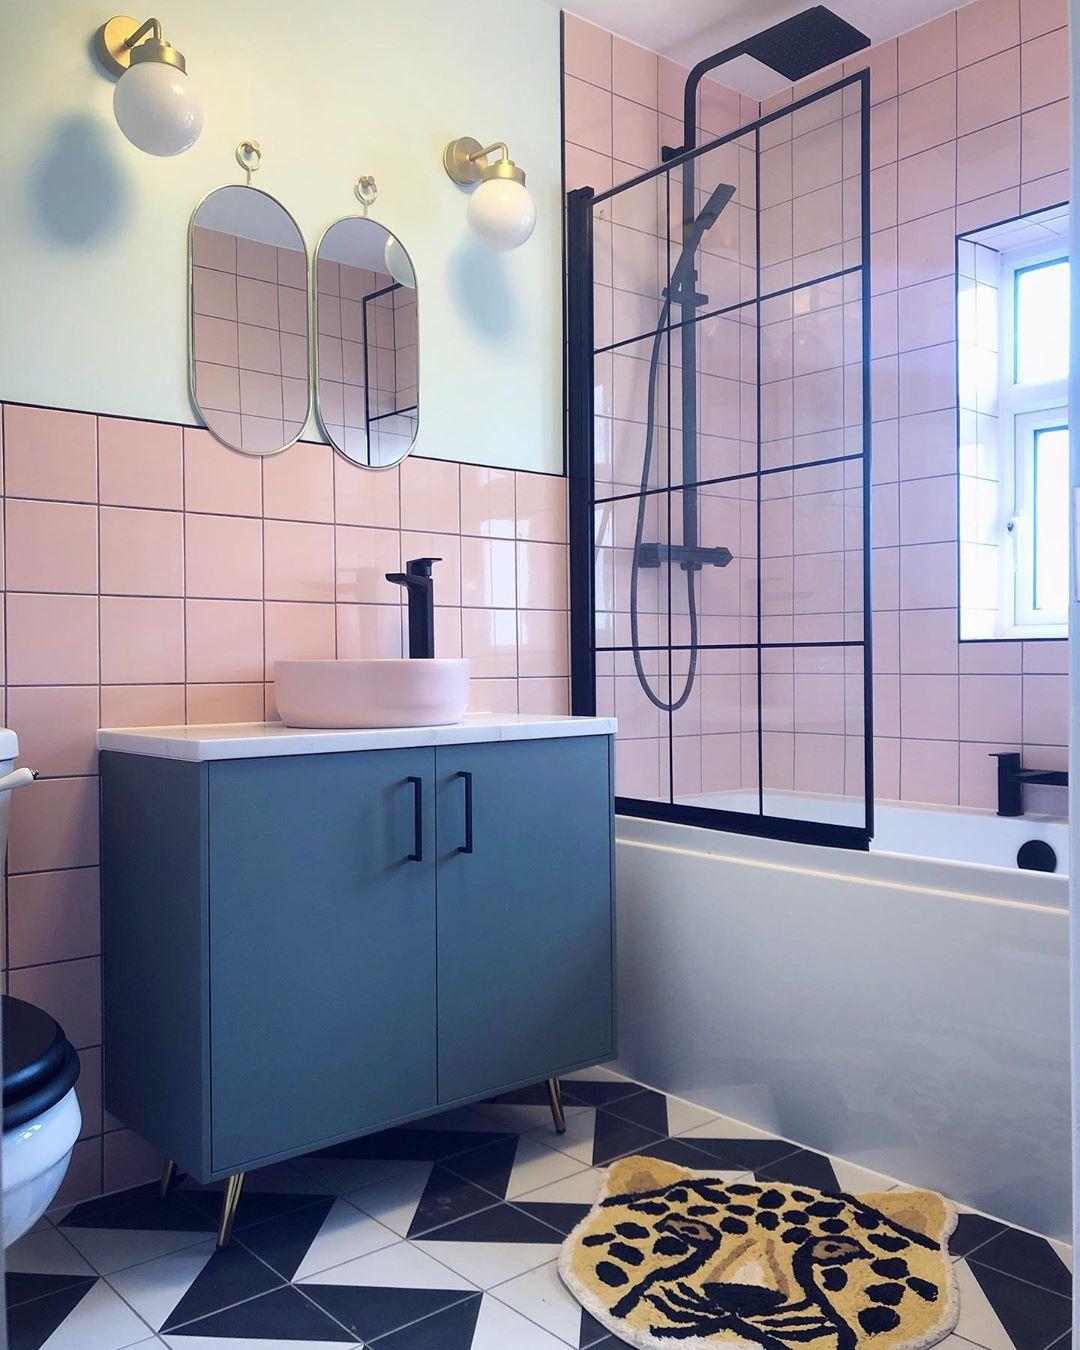 32 beautiful bathroom tile design ideas